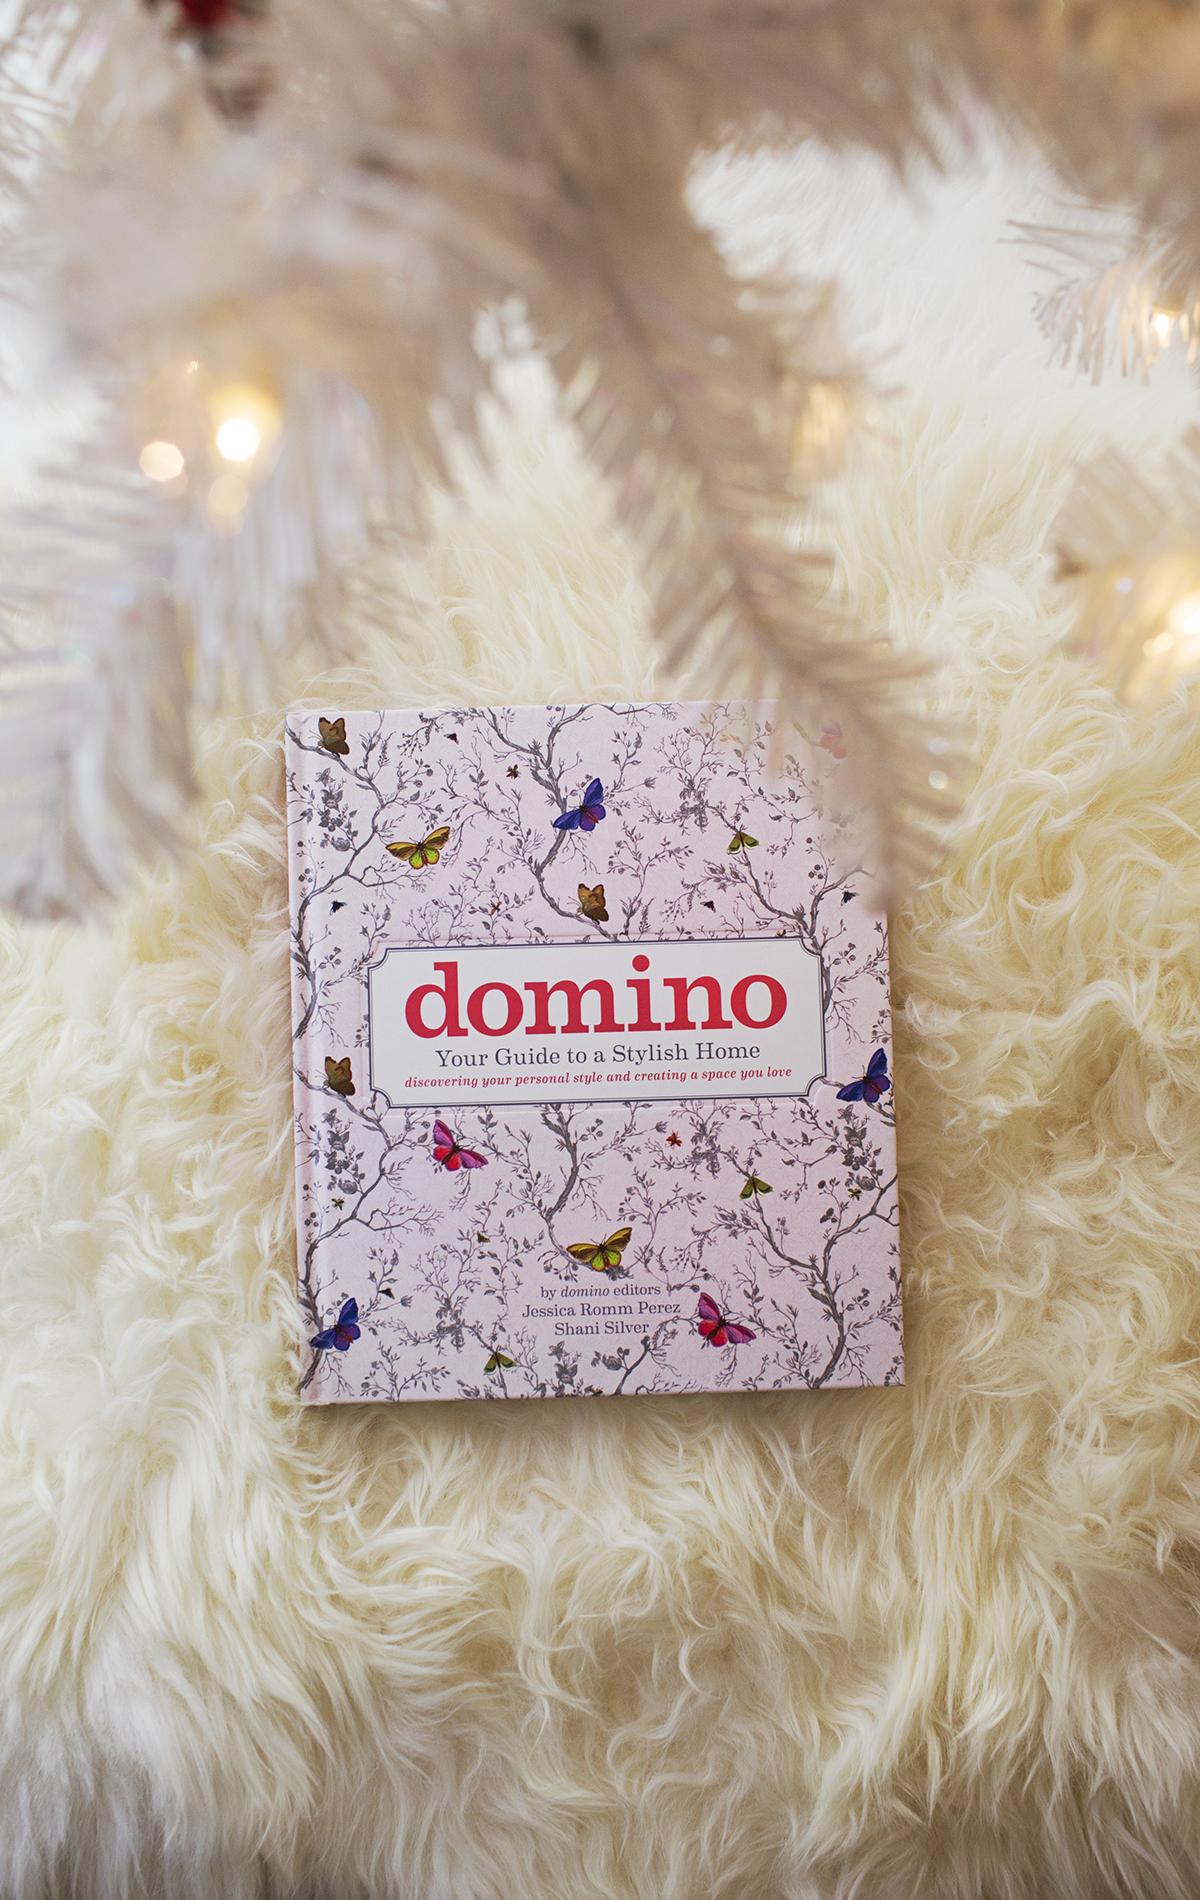 Domino book